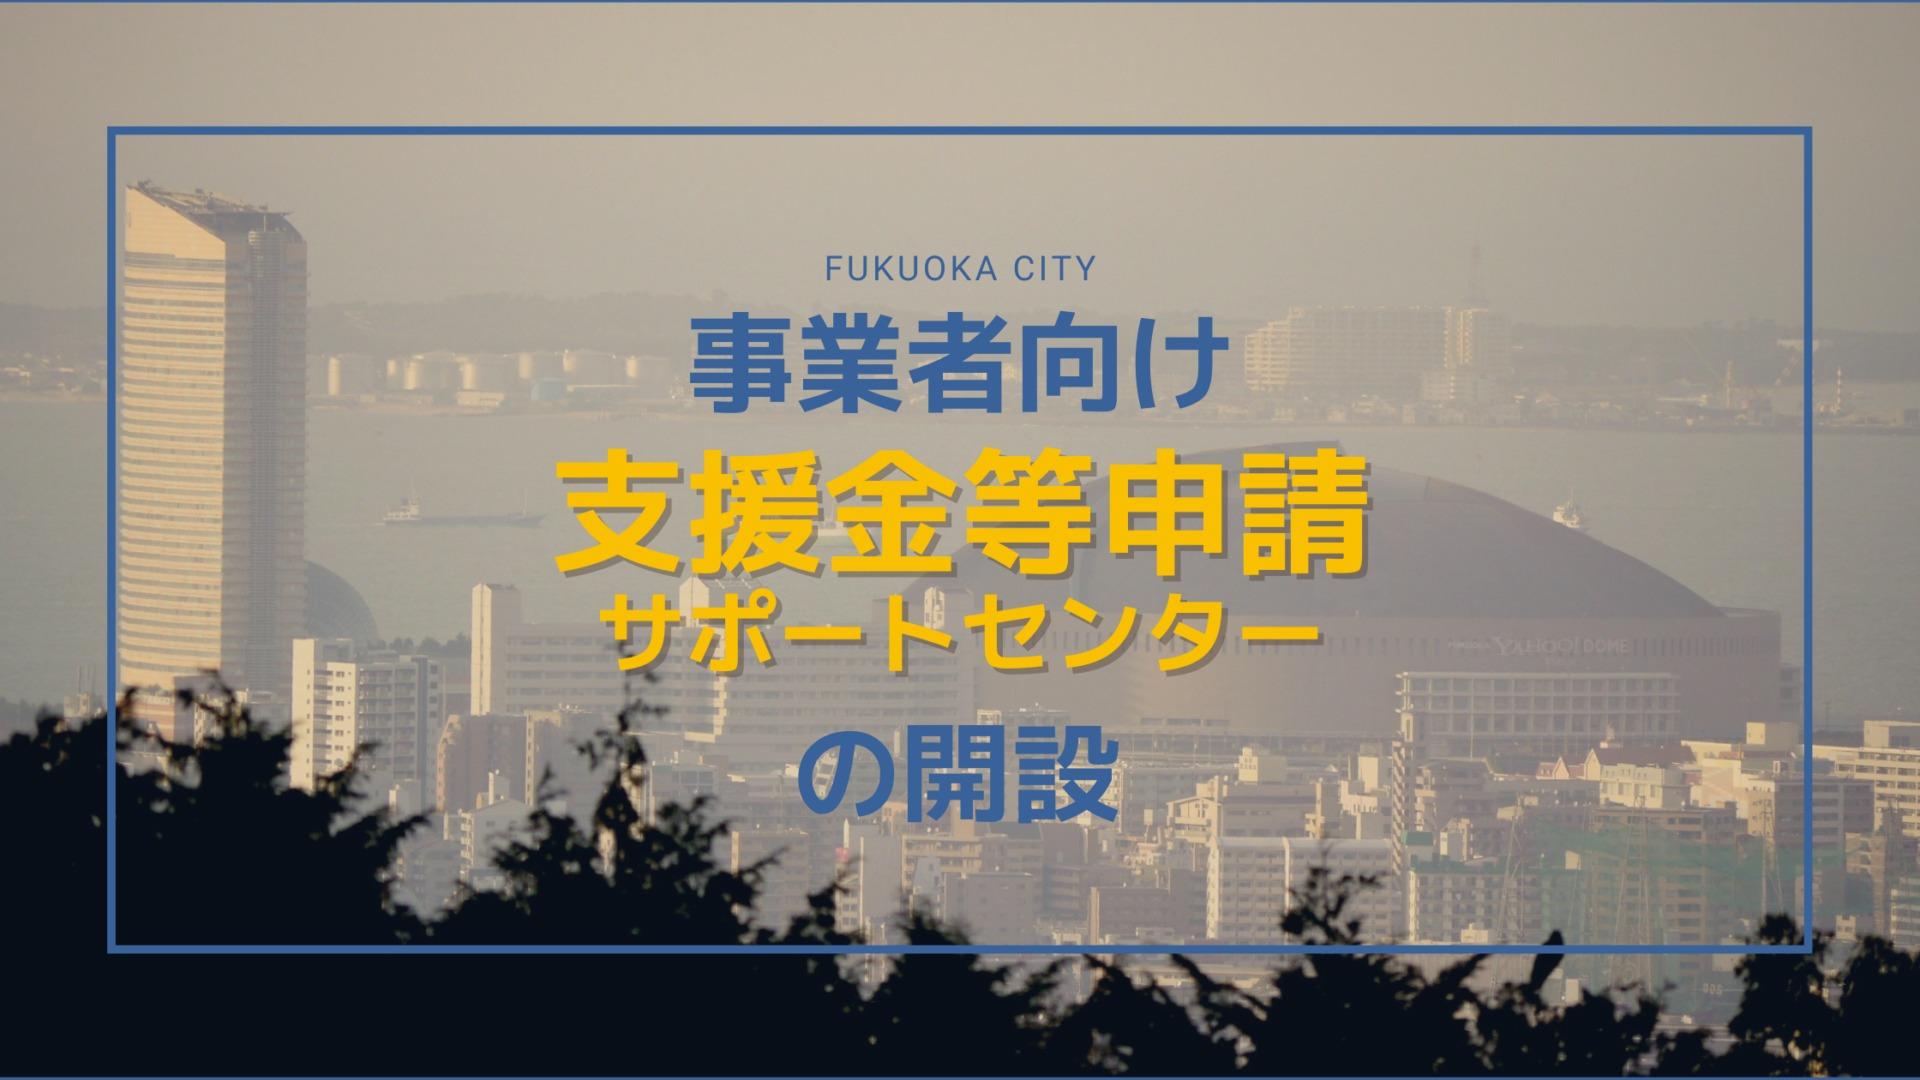 事業者向け支援金等申請サポートセンターの開設【福岡市】